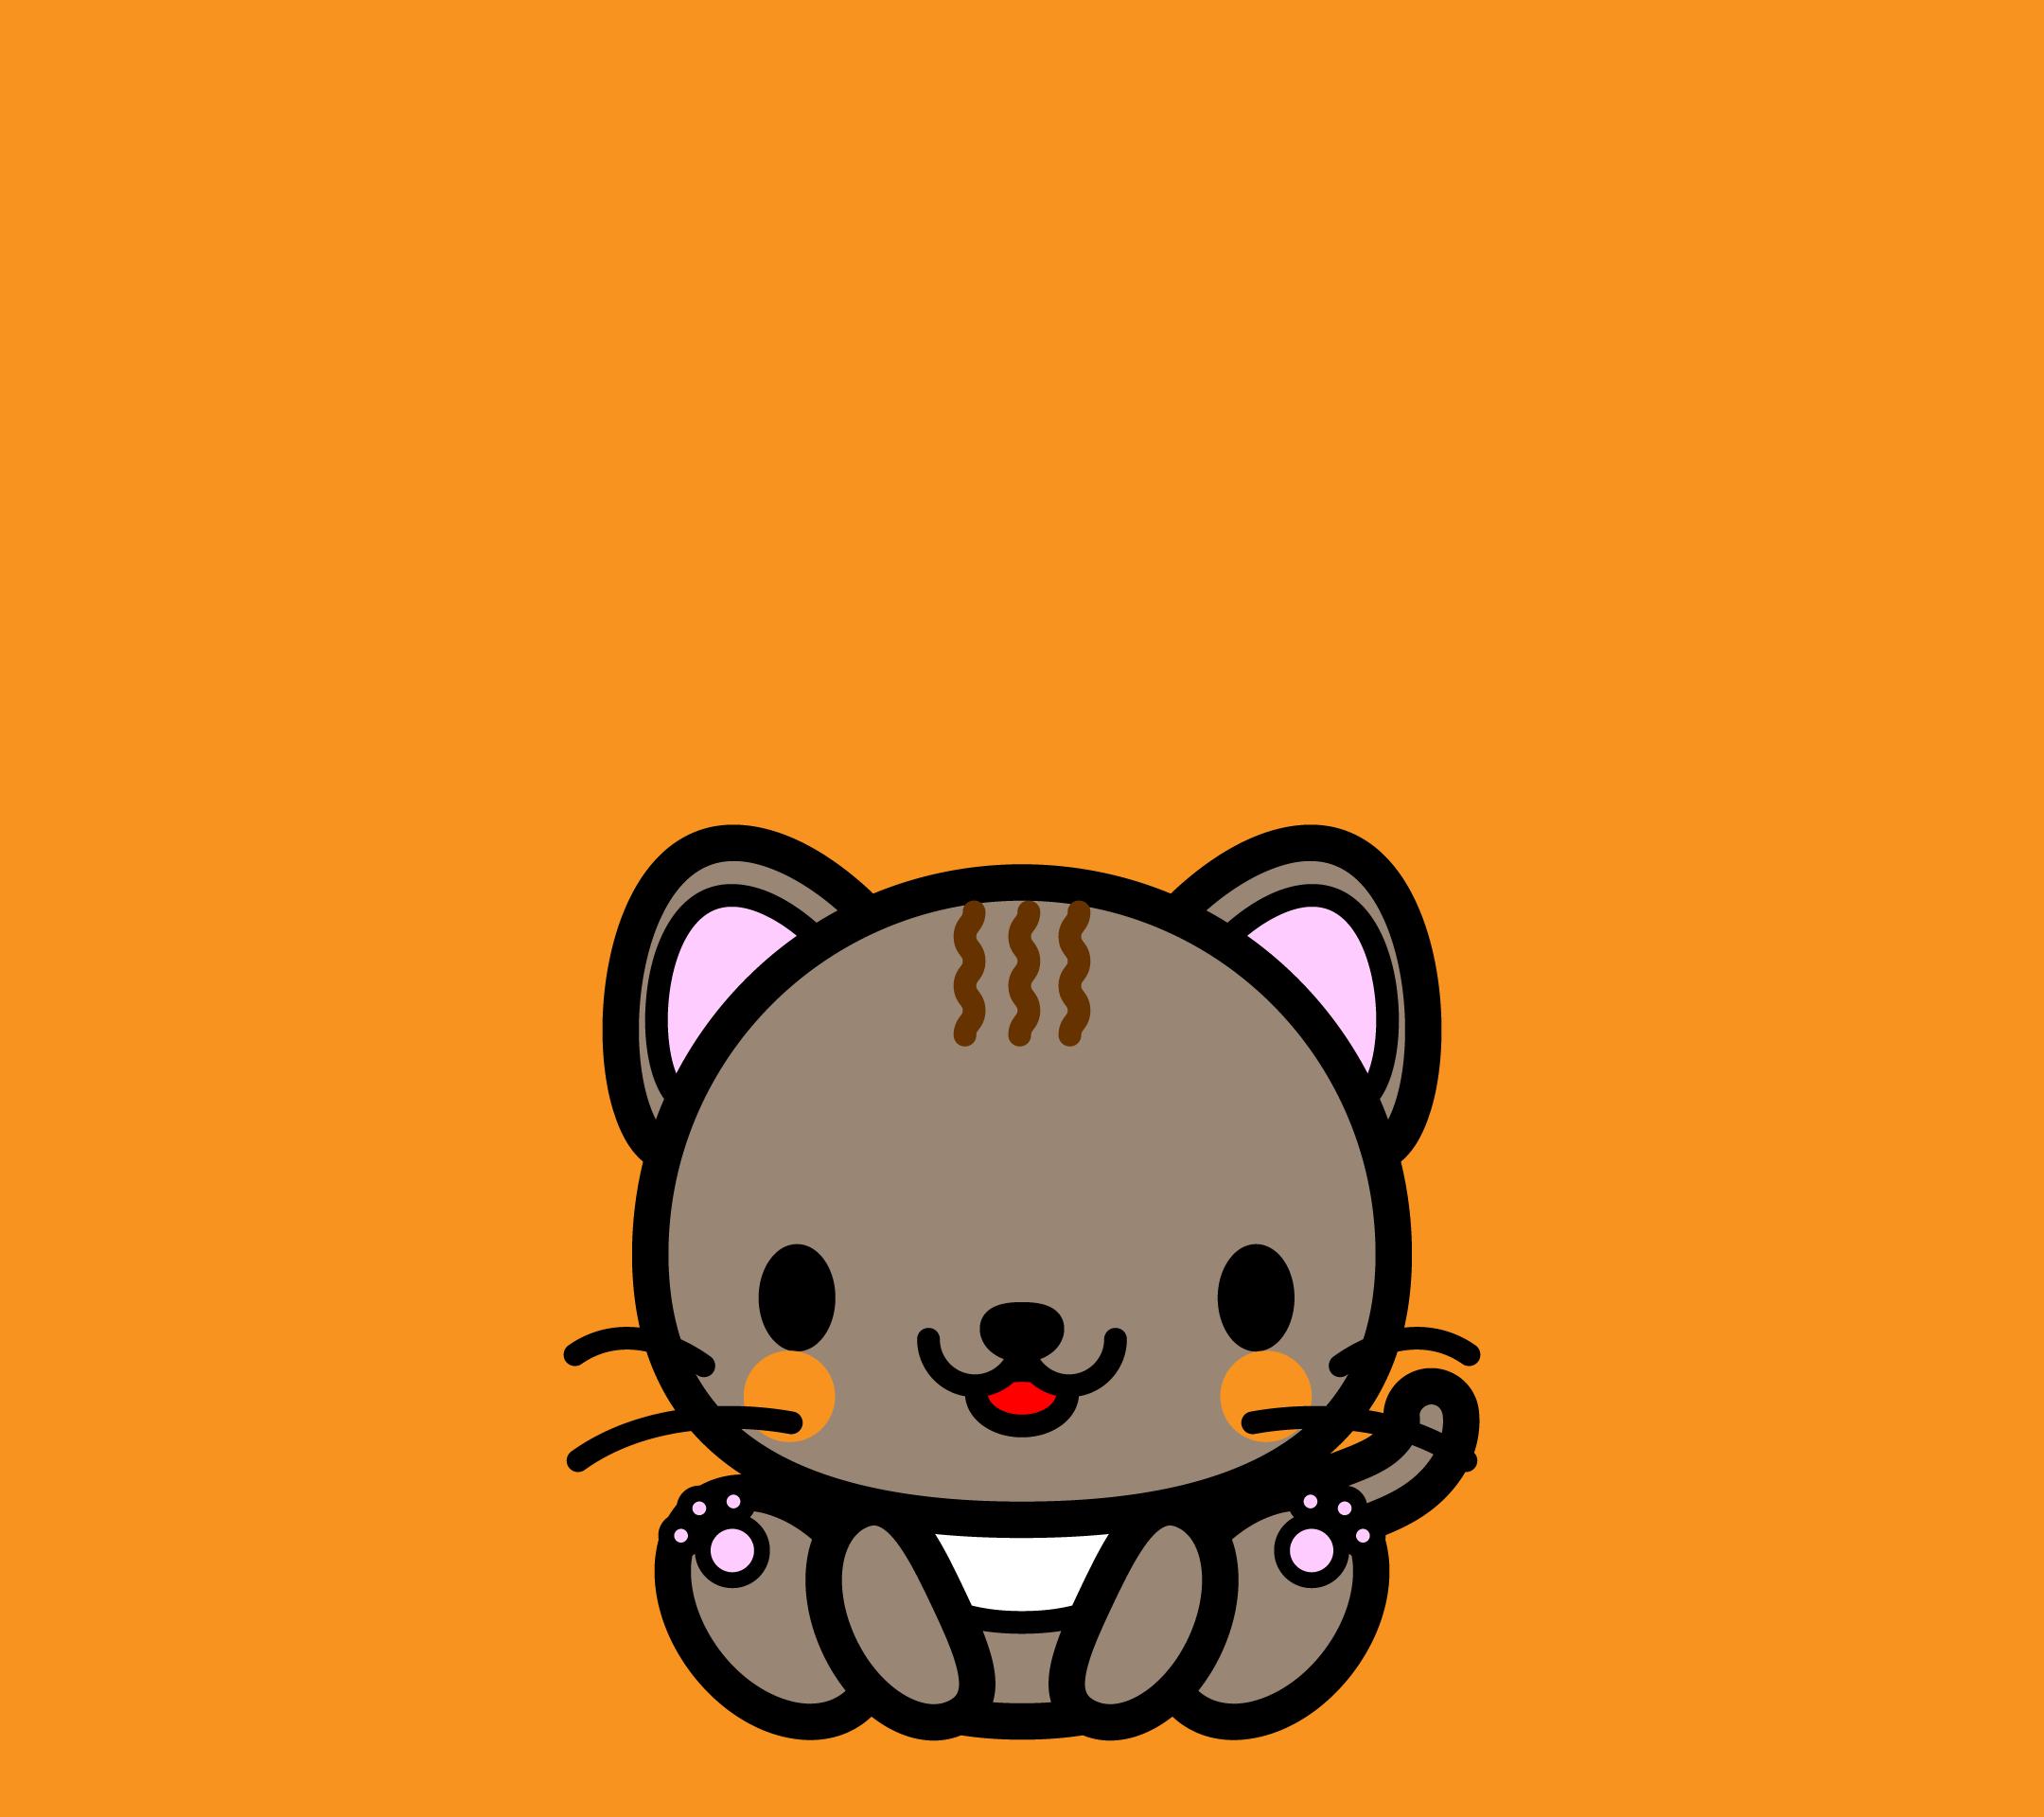 かわいい座り猫壁紙(Android)の無料イラスト・商用フリー